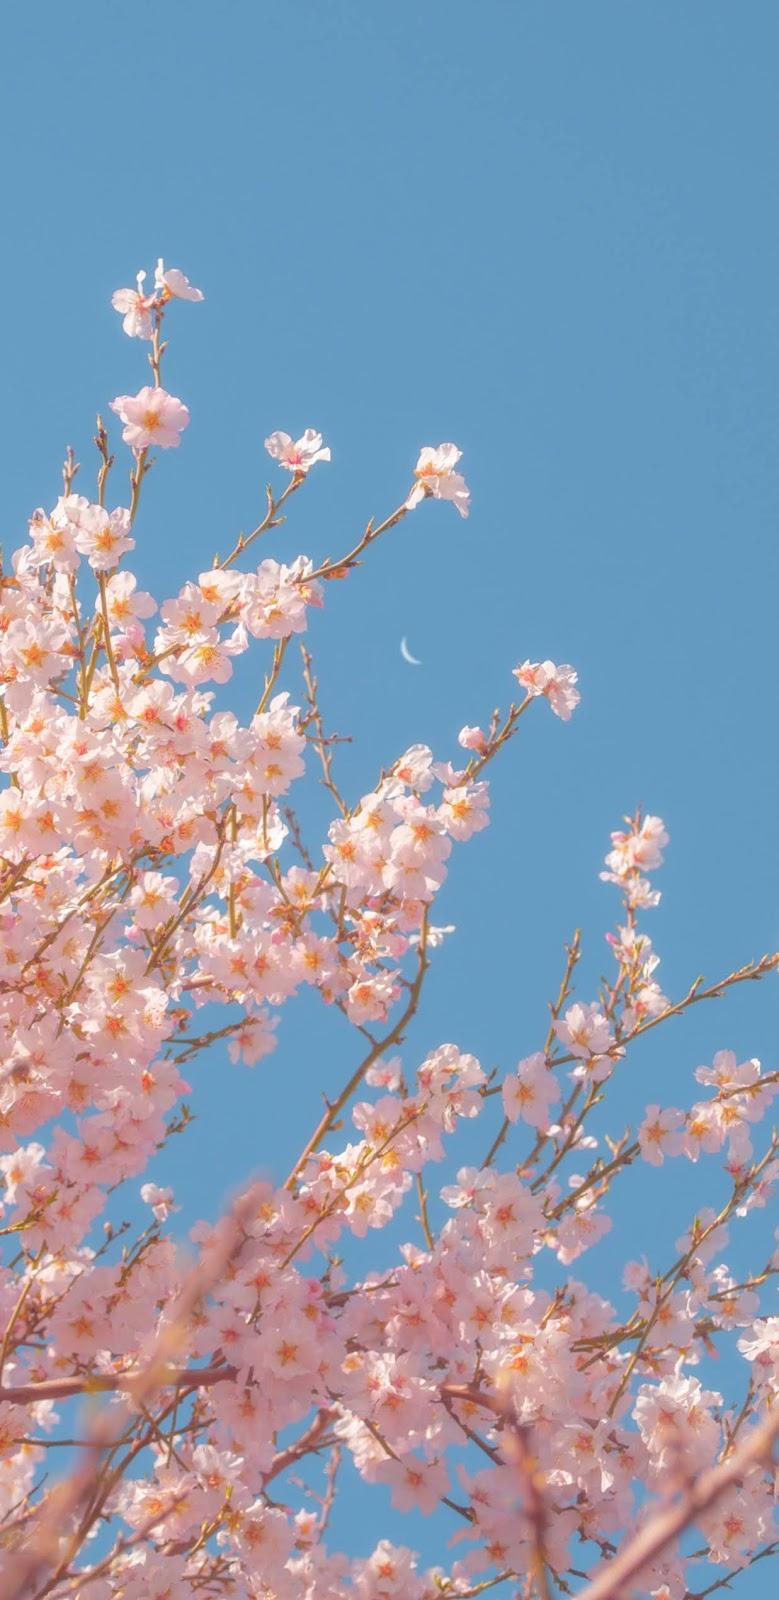 Hoa anh đào giữa bầu trời xanh